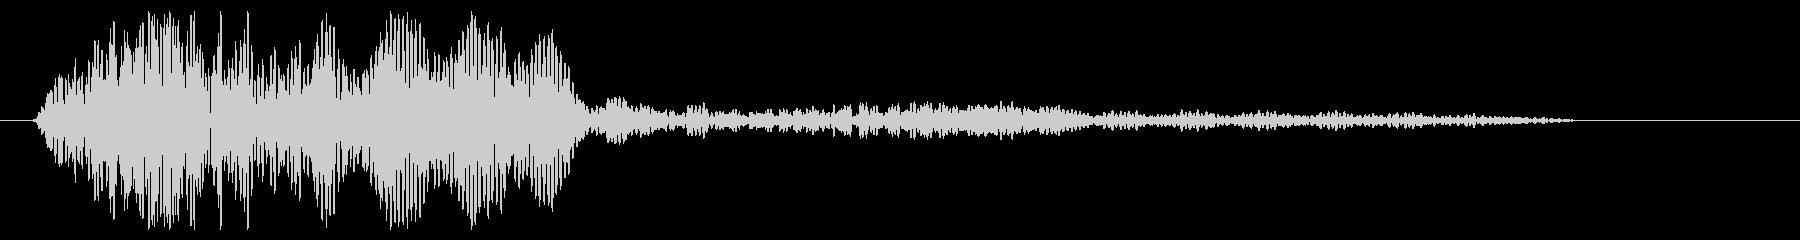 クリック音(一定音)の未再生の波形